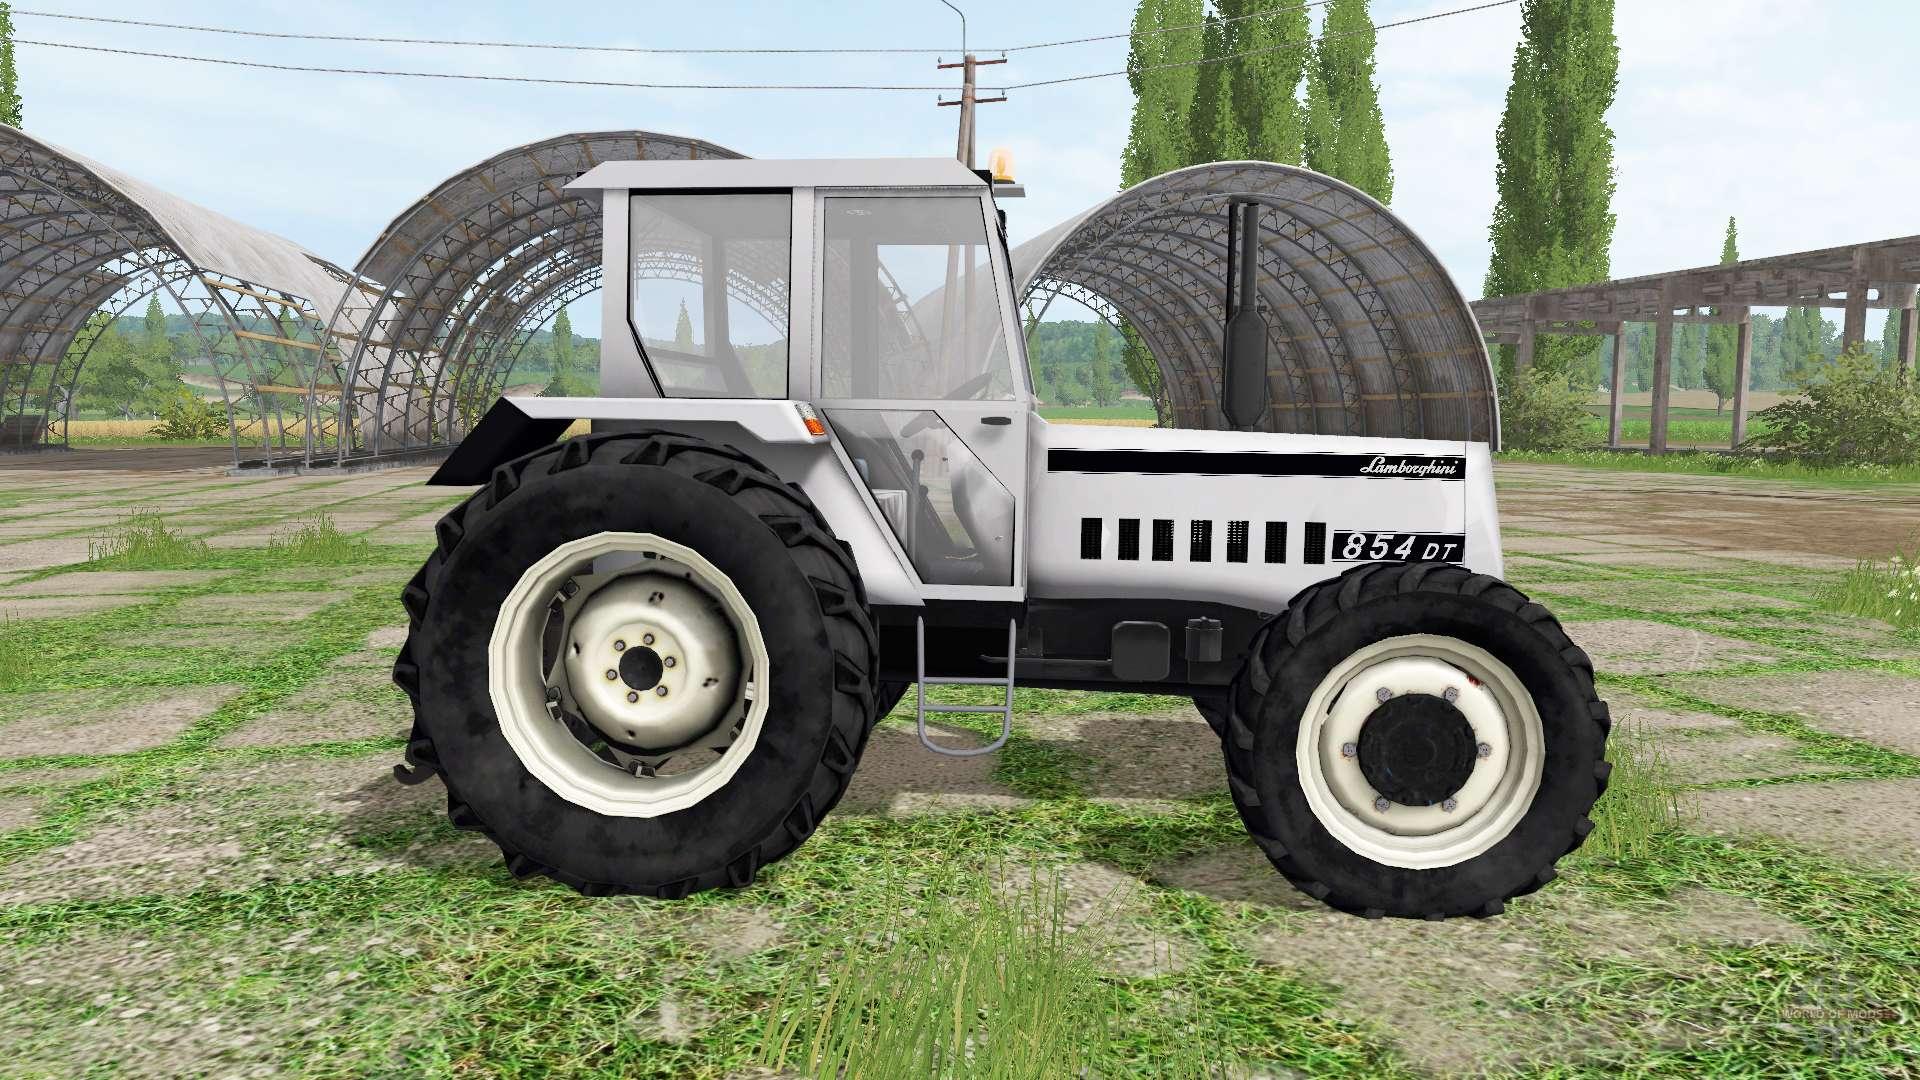 lamborghini 854 dt for farming simulator 2017 rh worldofmods com Lamborghini Monster Truck Lamborghini Aventador J